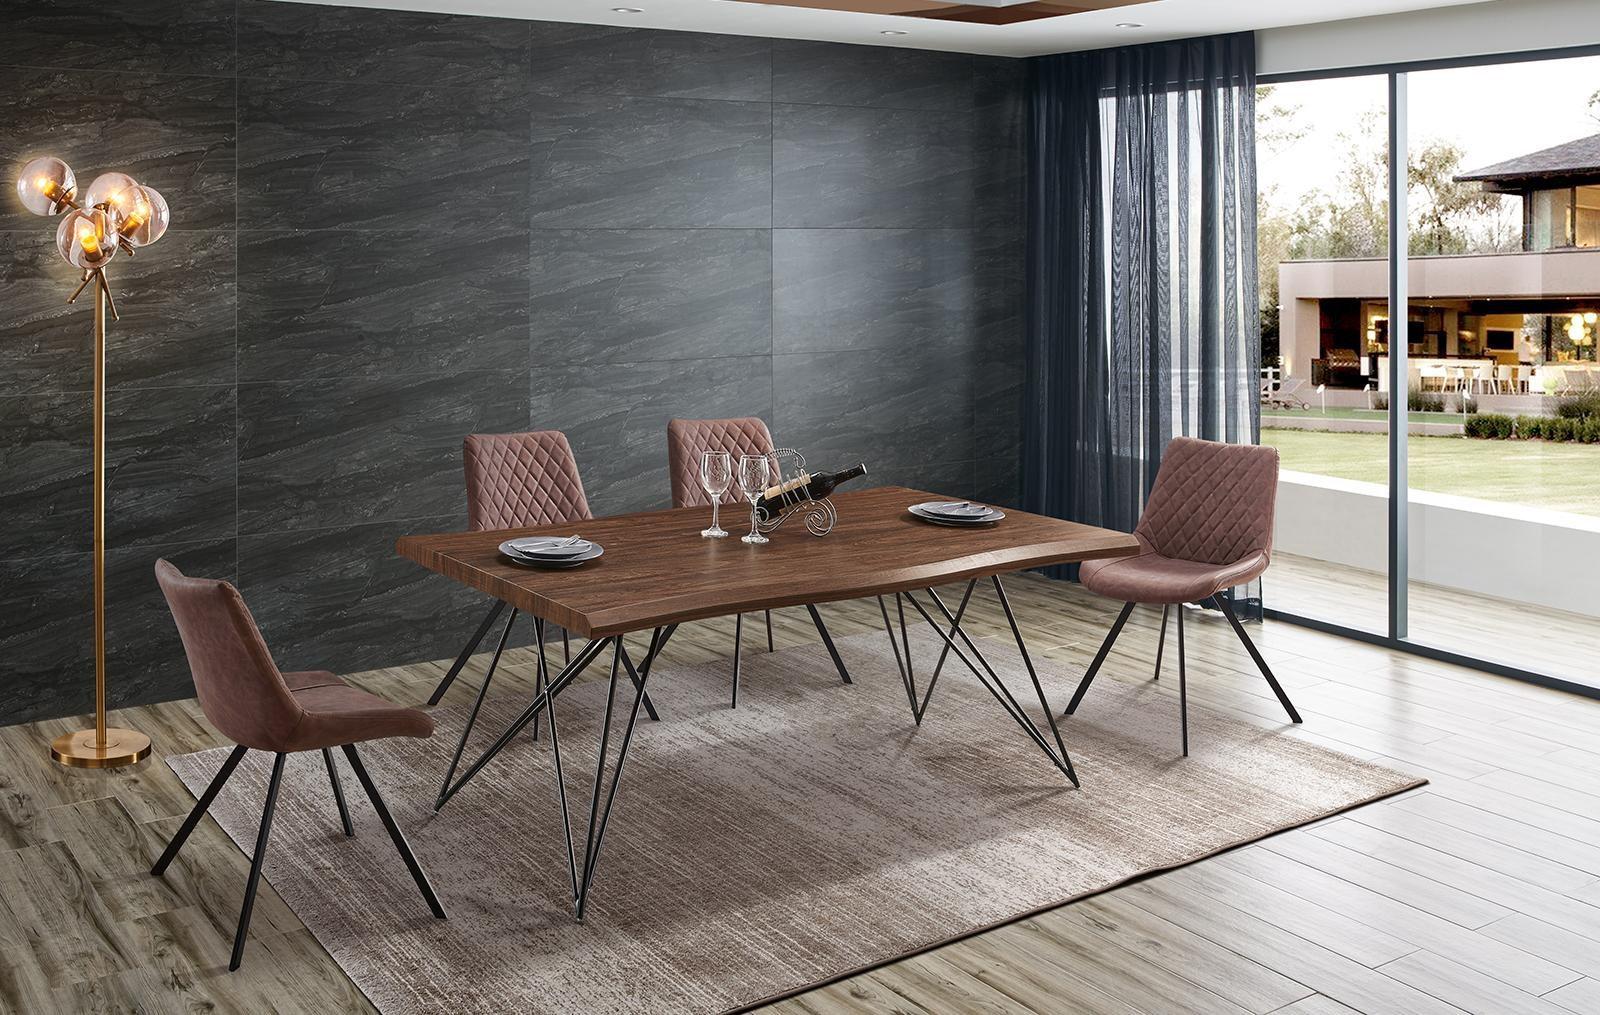 Стол T-1078 орех/матовый черный и стулья С-931 коричневые